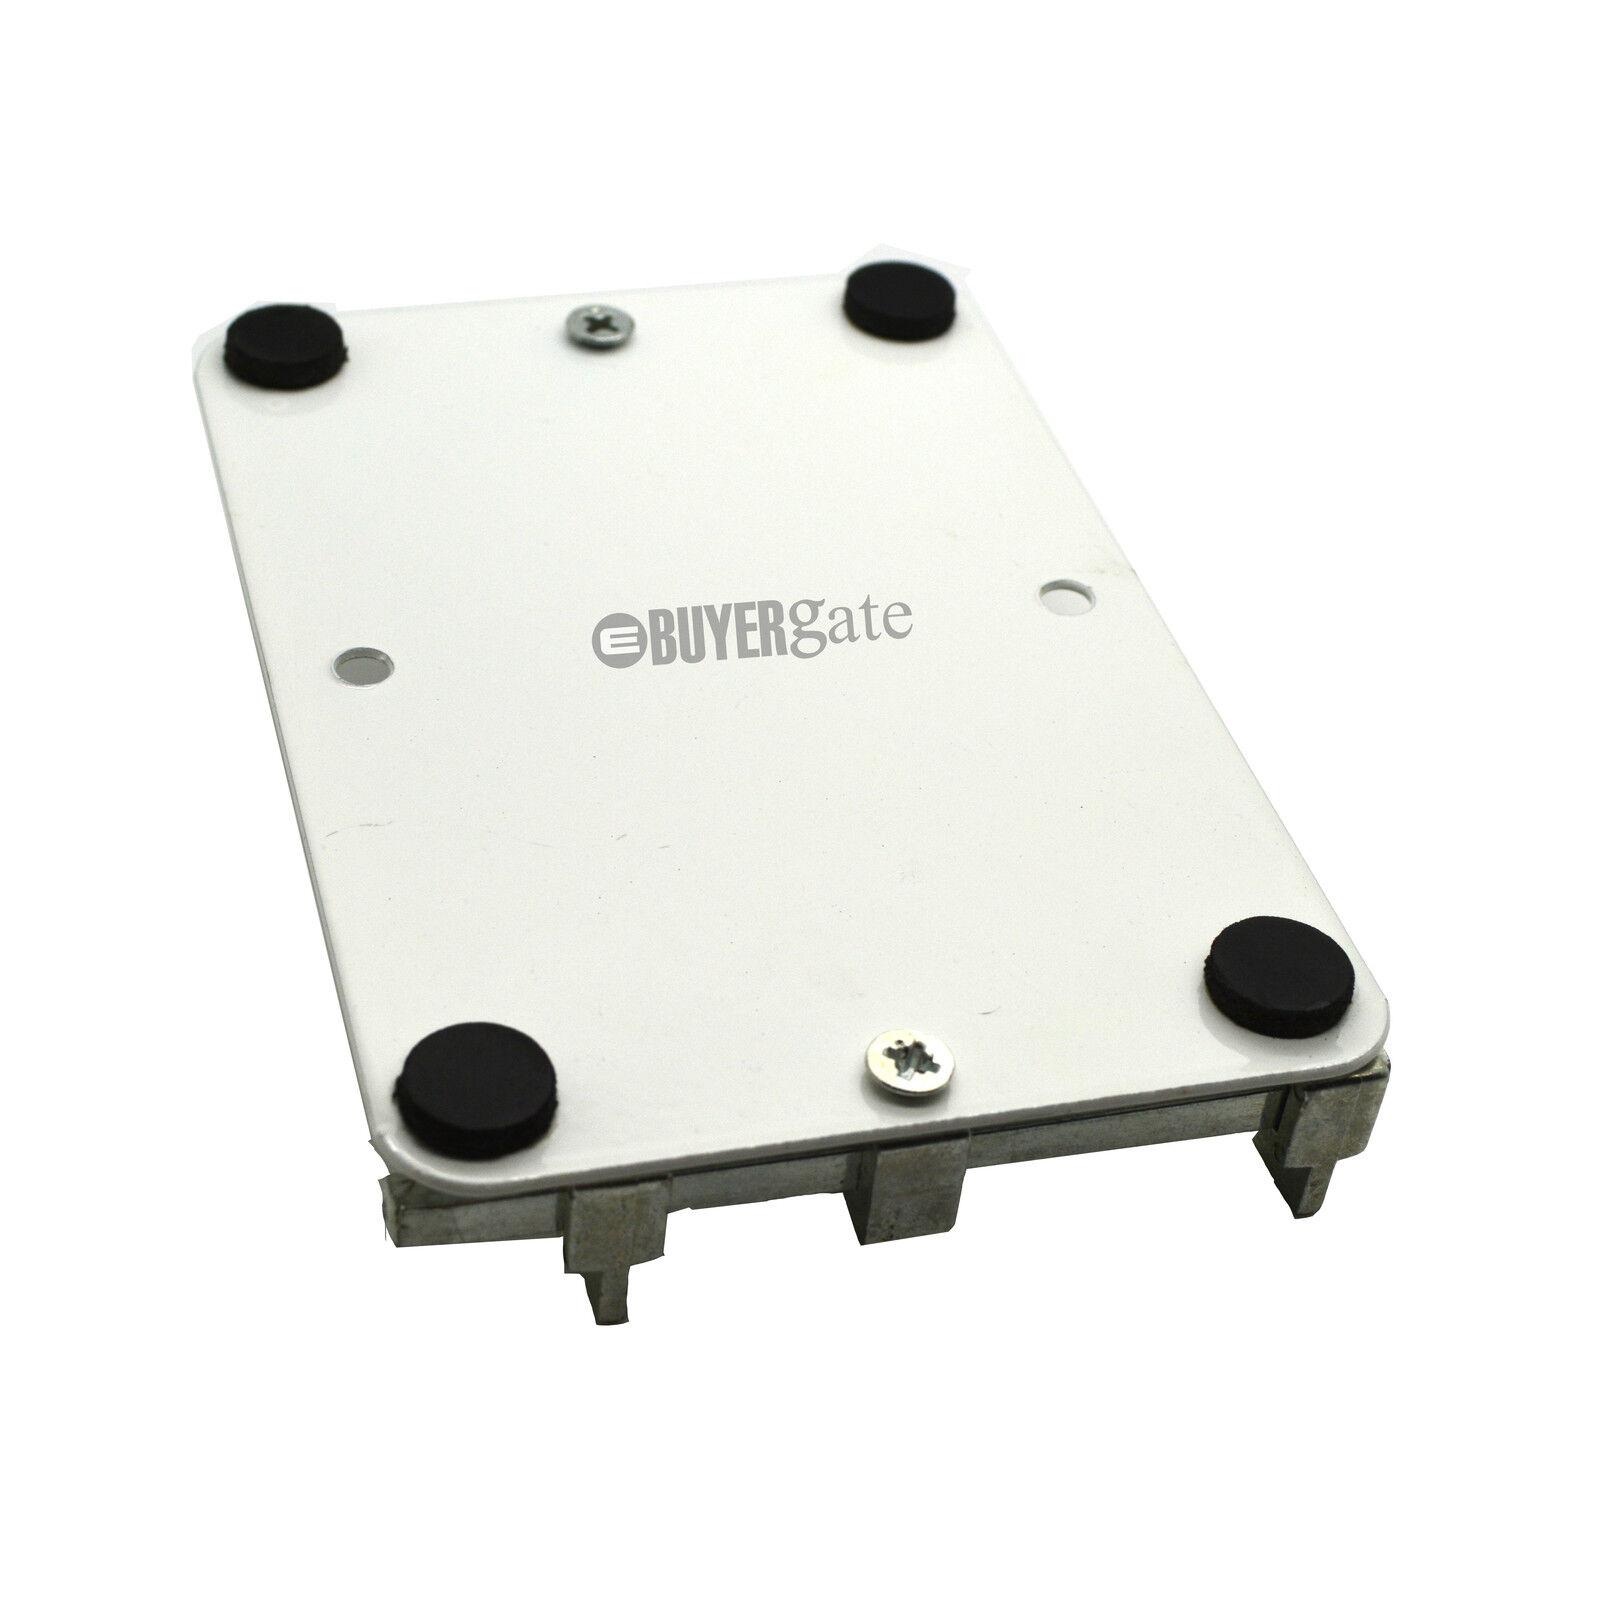 New Universal Pcb Circuit Board Holder Fixtures Repair Tool For Metal Repairing Mobile Phone Boards White